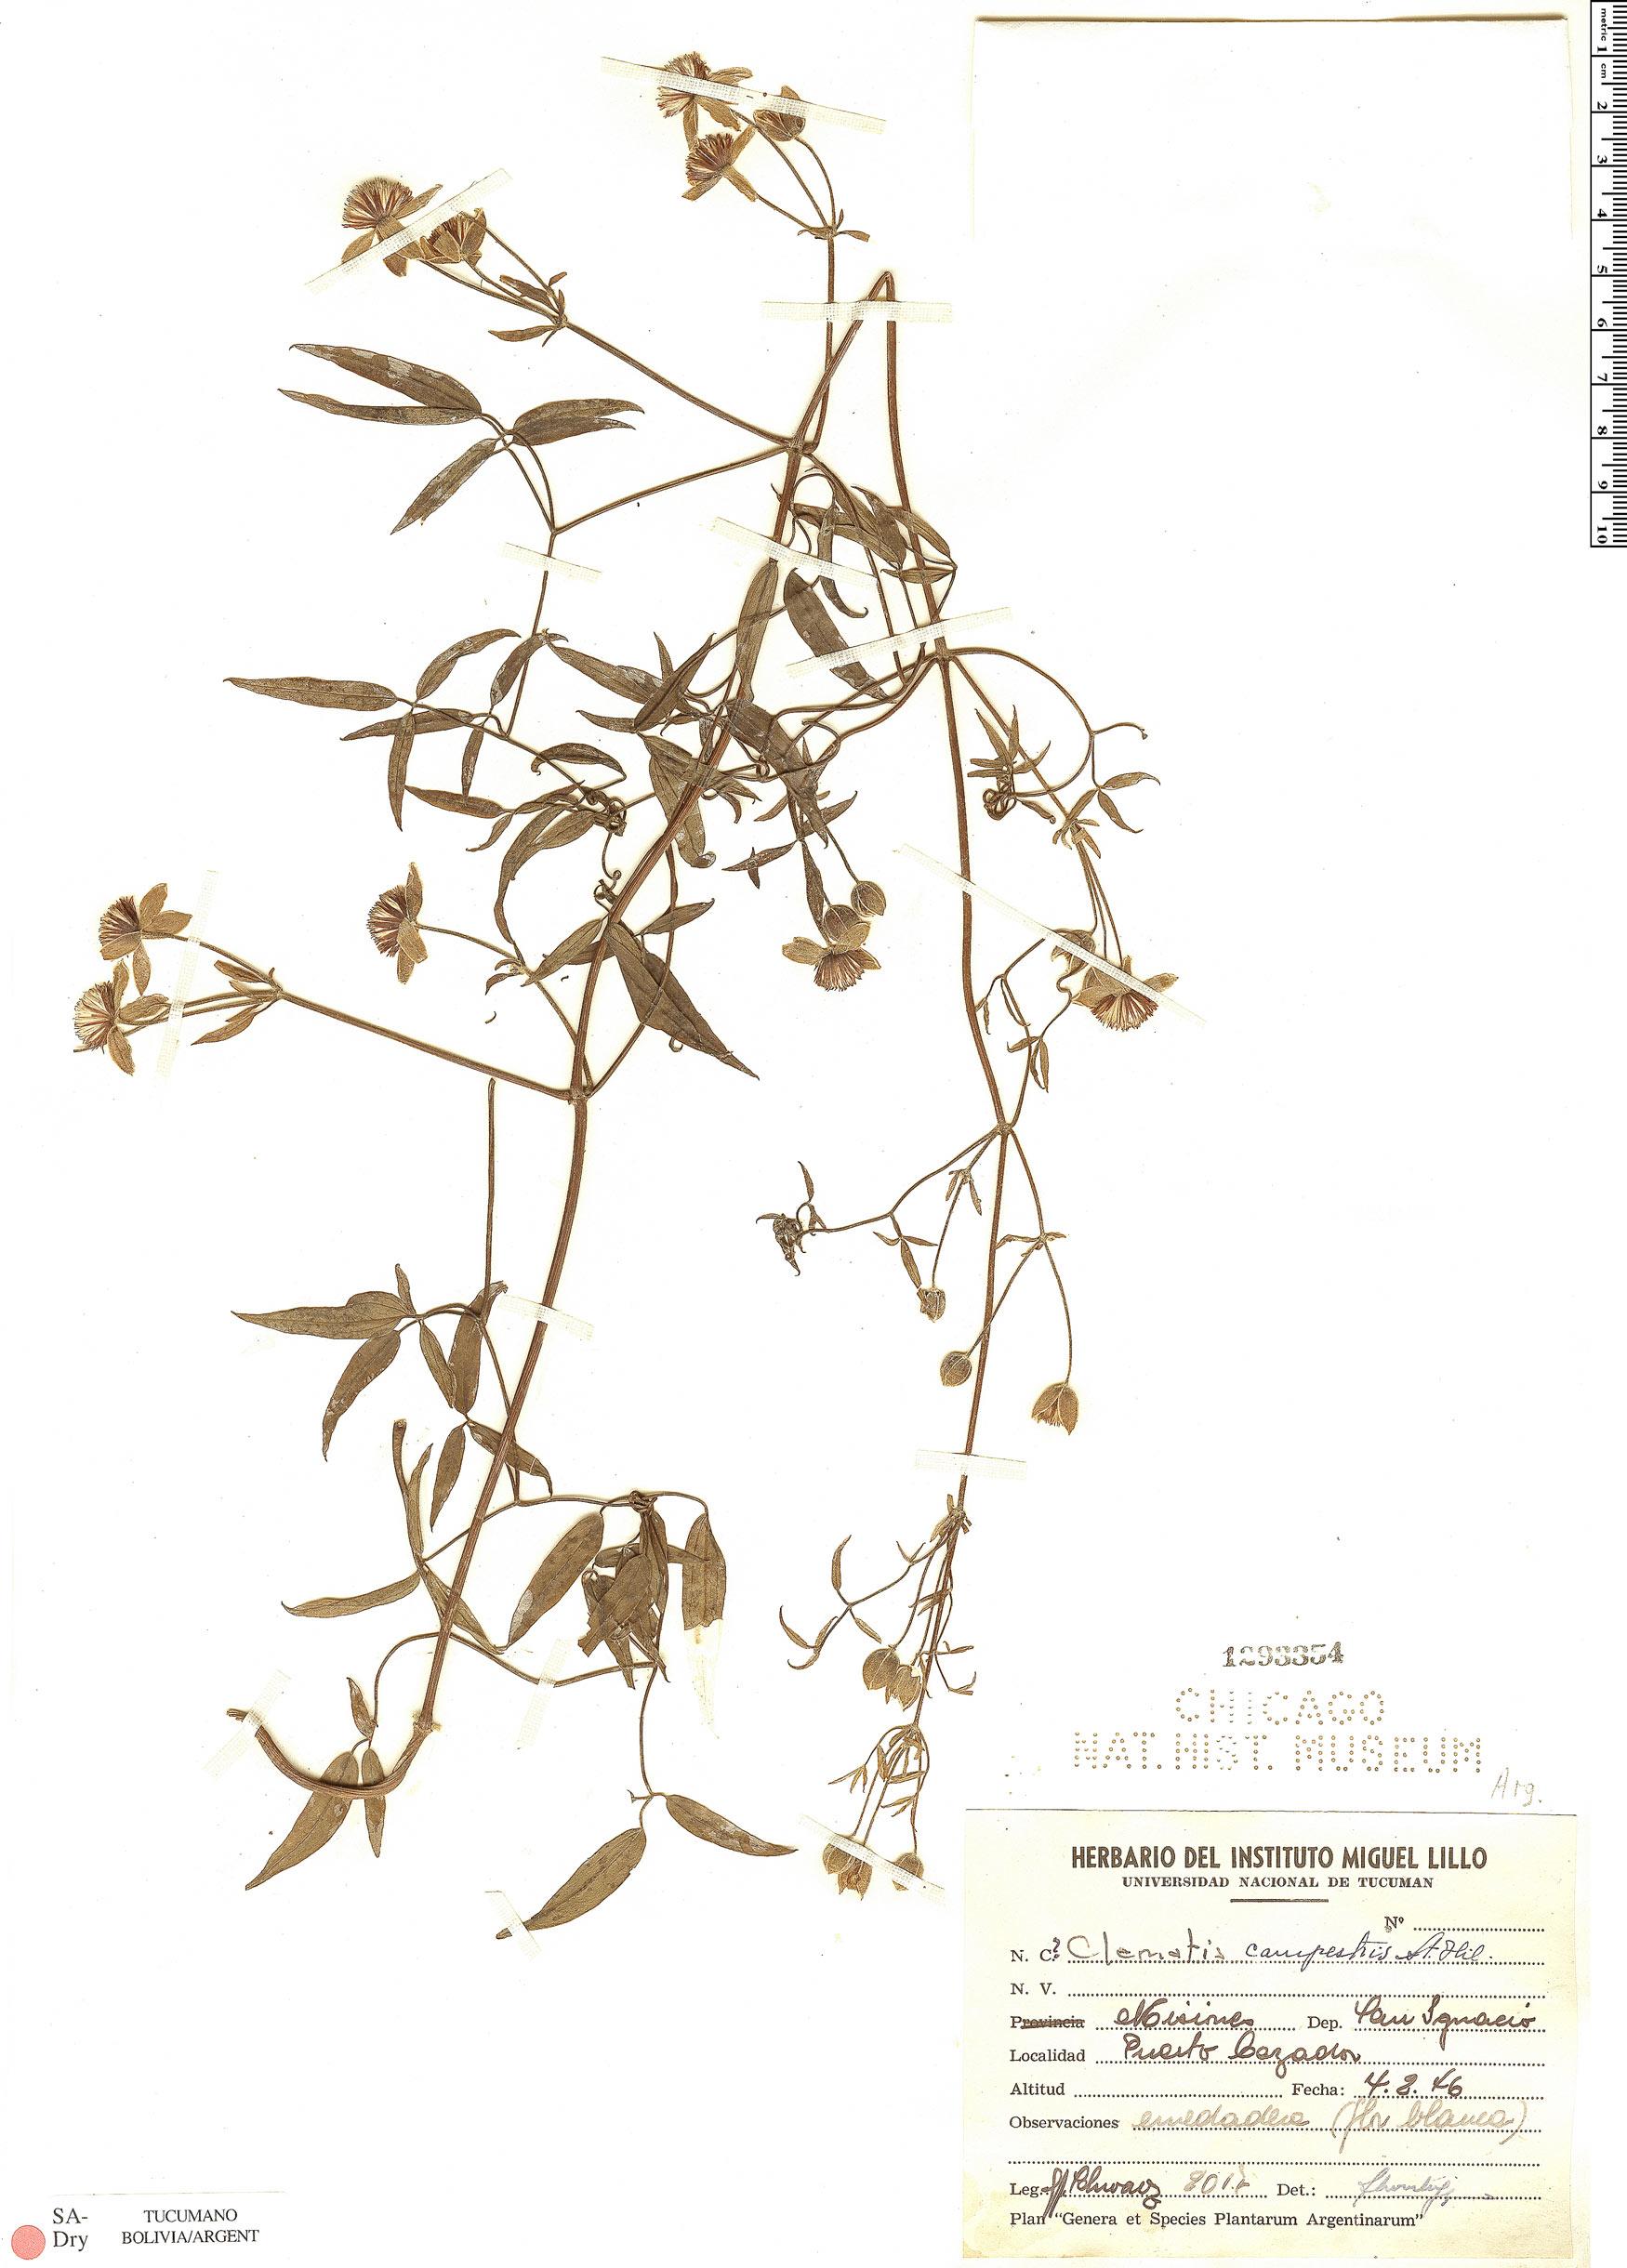 Specimen: Clematis campestris